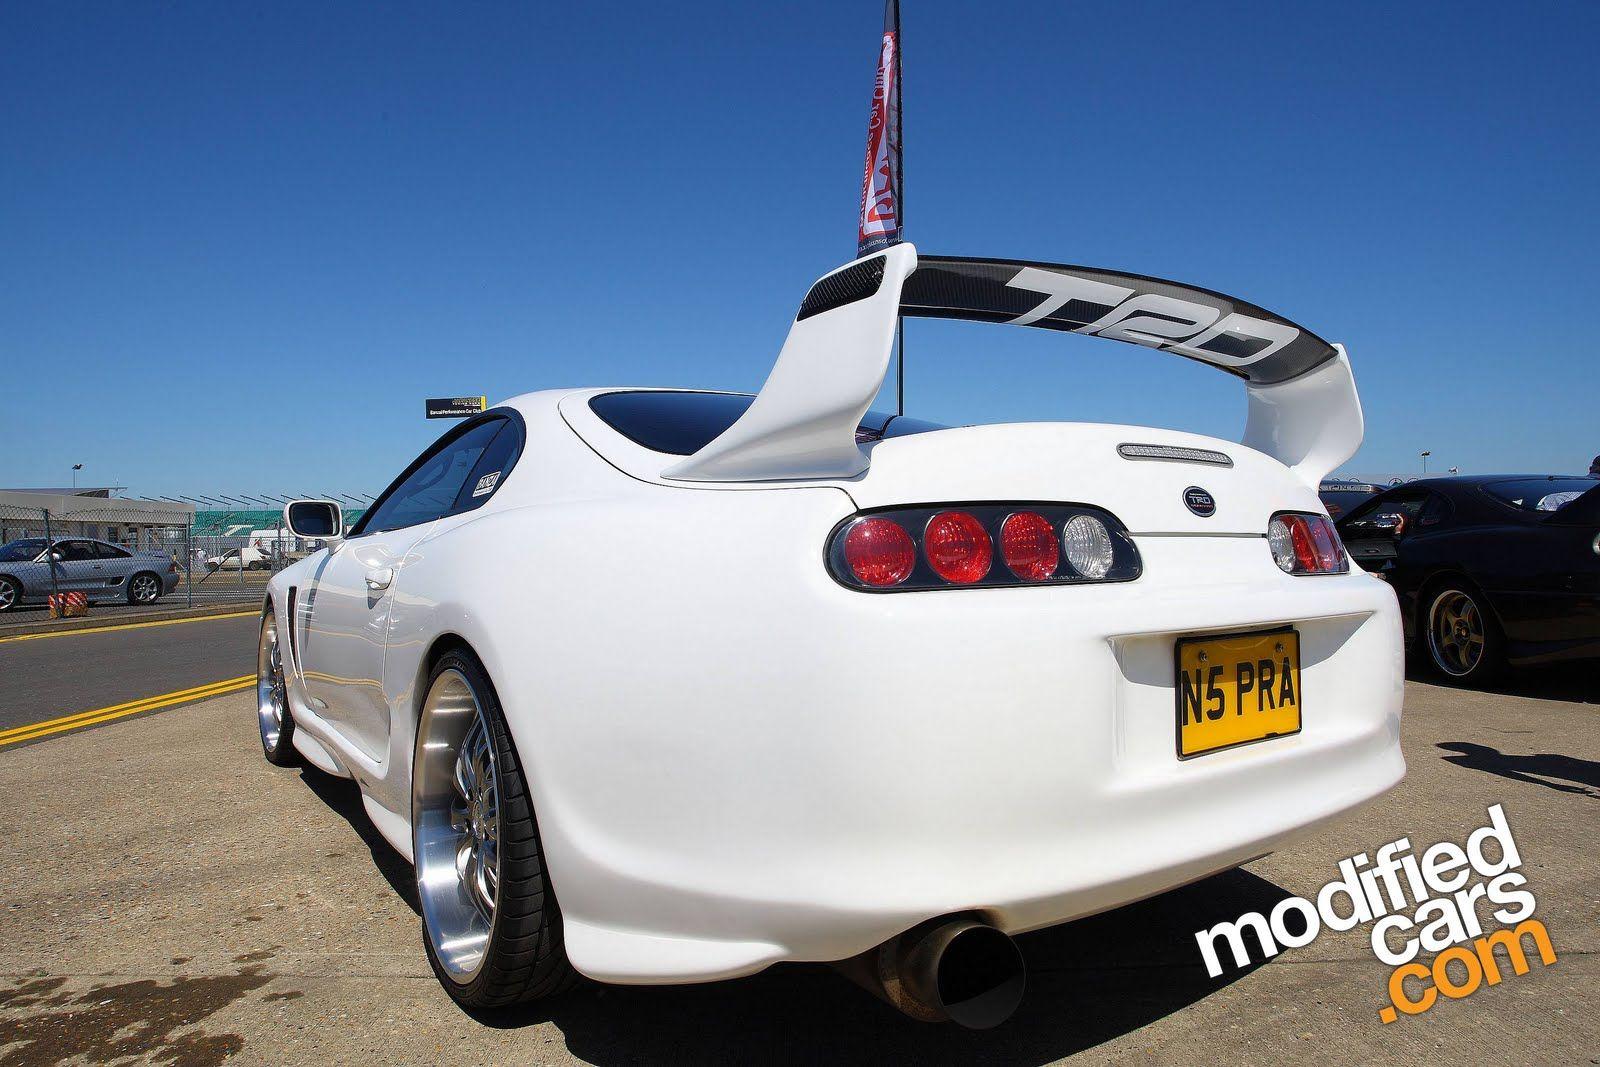 White Supra Wallpaper Picture #VnL | Cars | Pinterest | White Supra,  Wallpaper Pictures And Toyota Supra